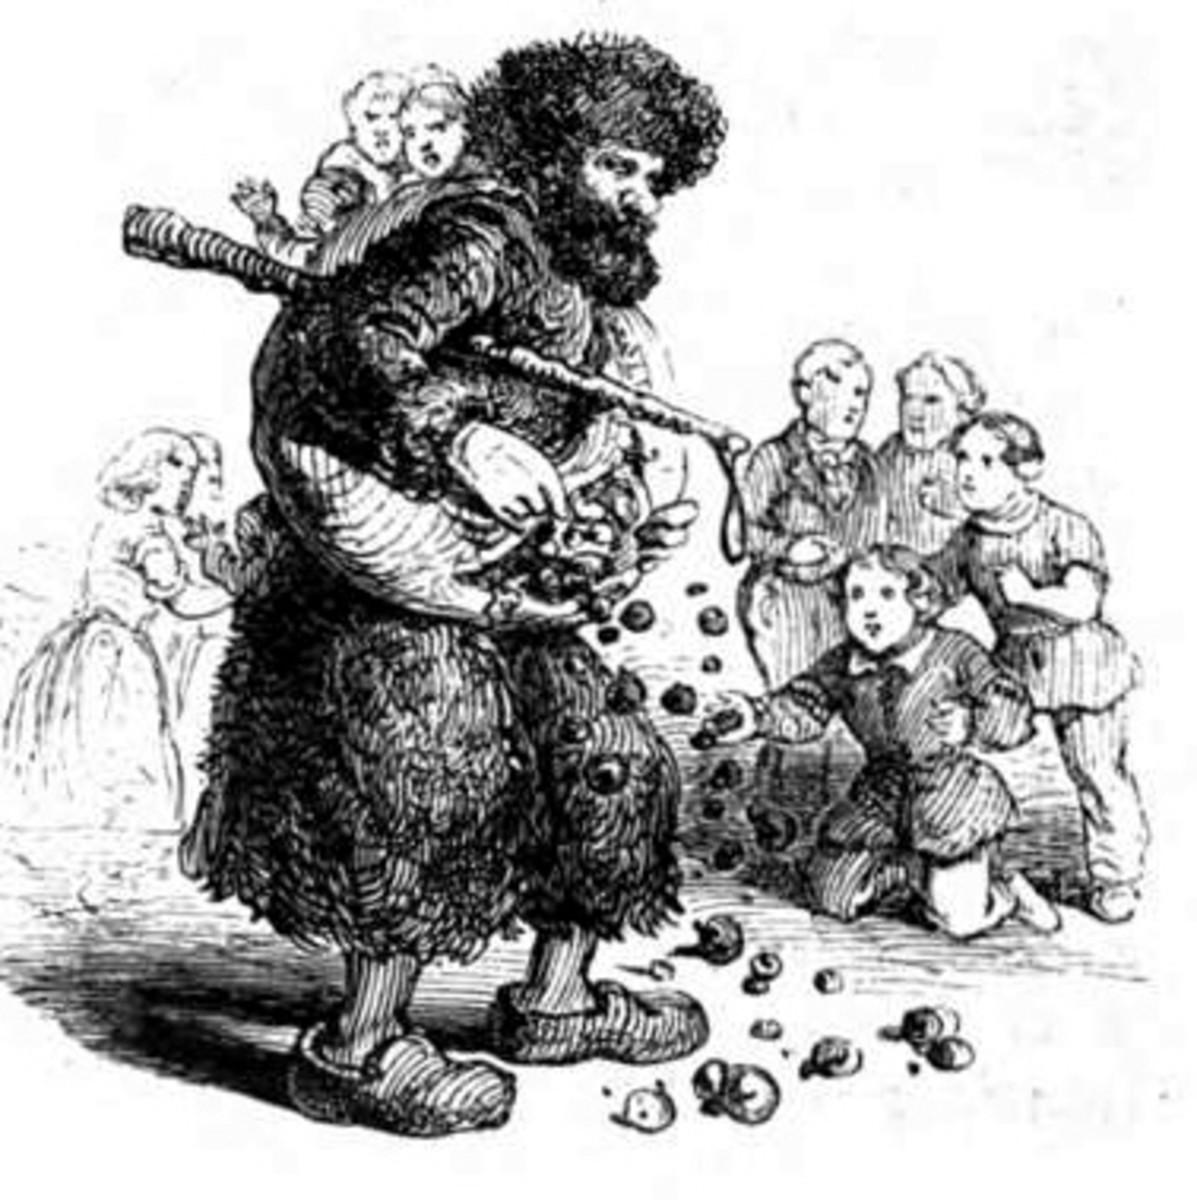 Knecht Ruprecht in 1863